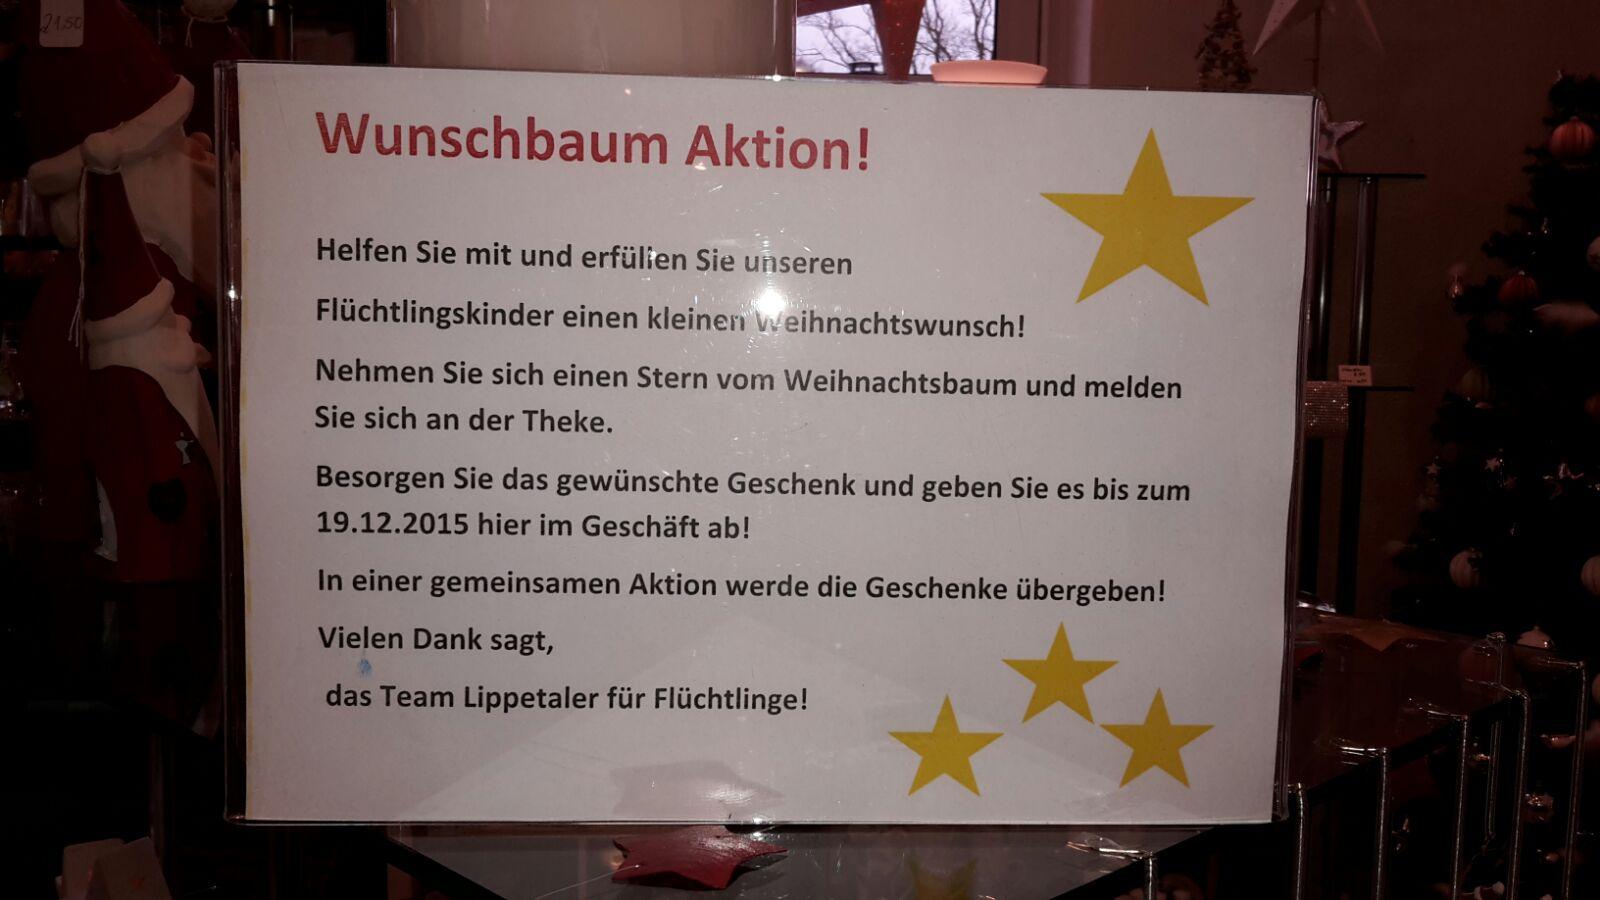 Wunschbaum Aktion